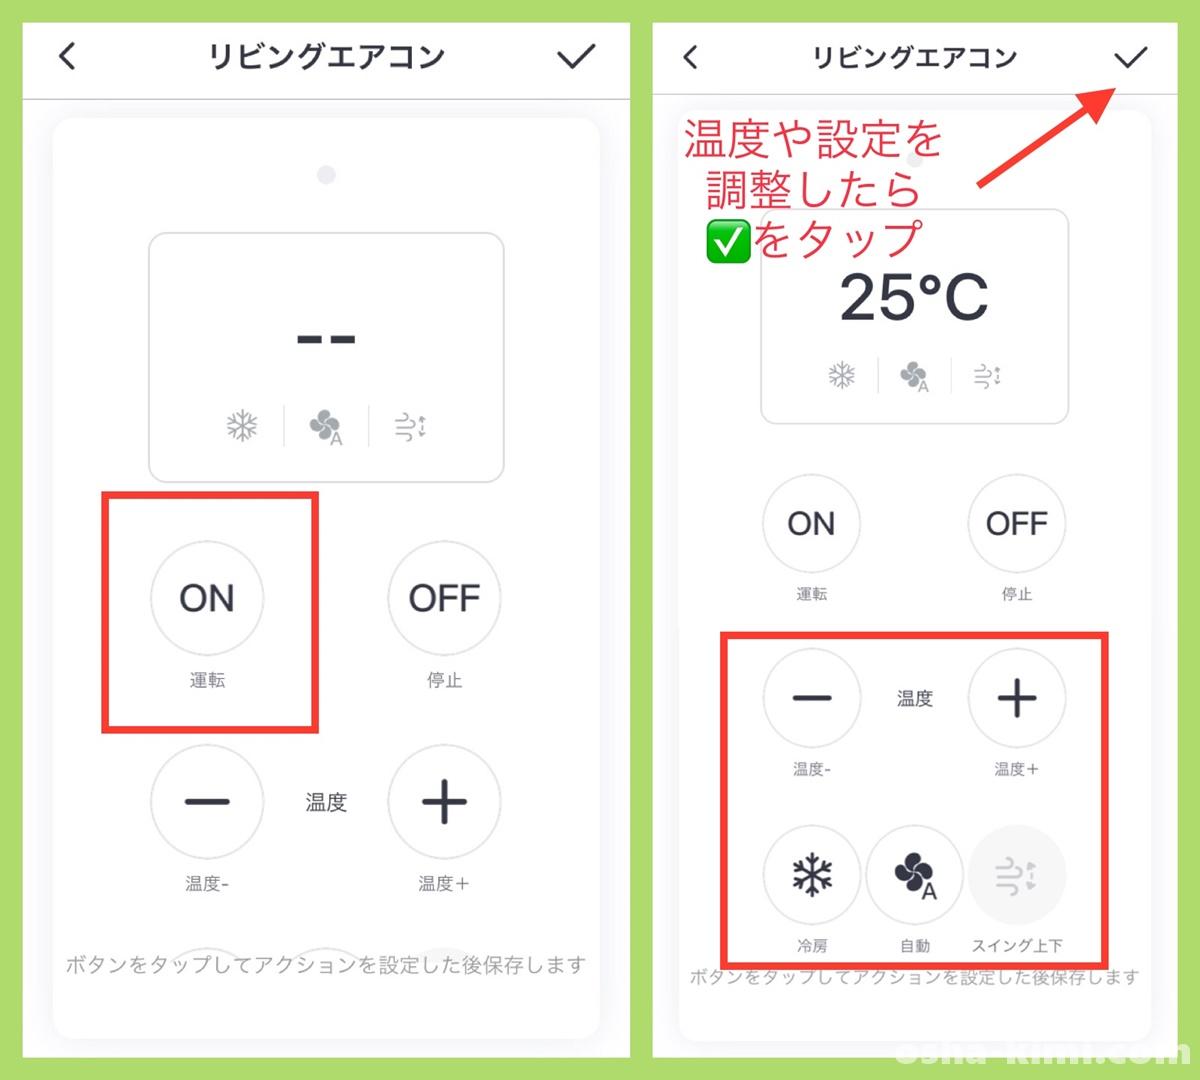 エアコンの温度やモードを設定